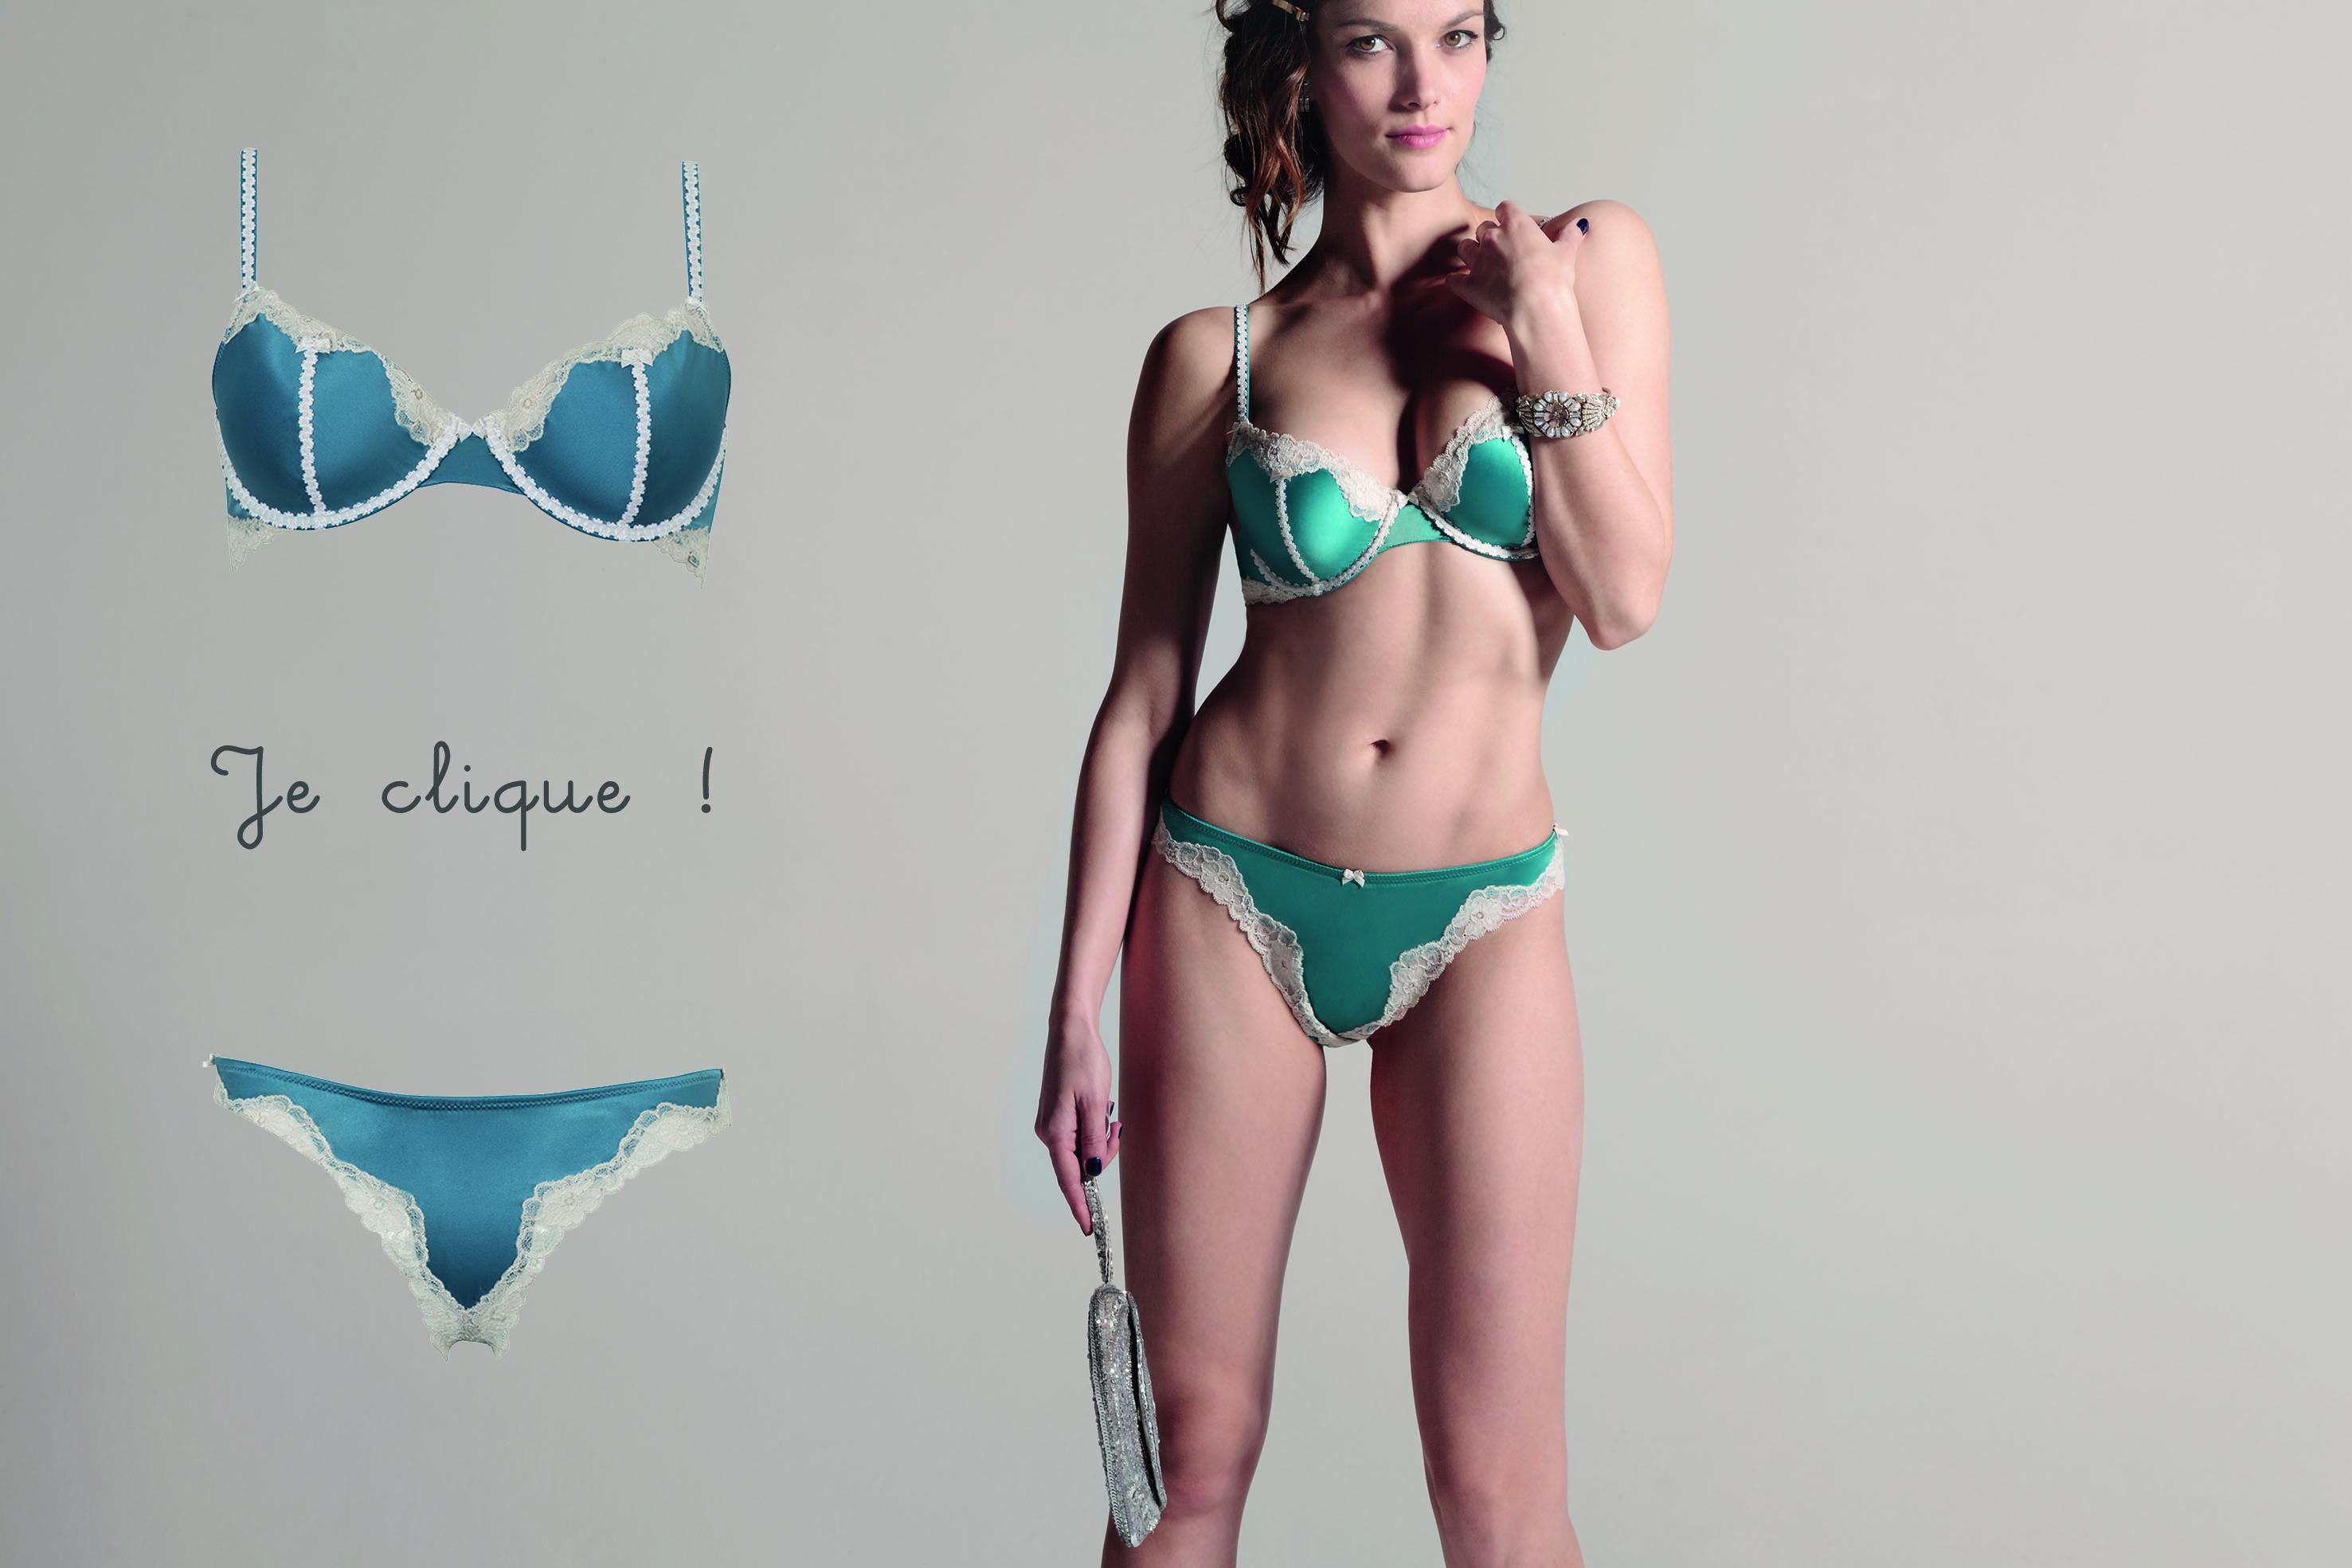 La Précieuse de la marque Rosy tendances lingerie